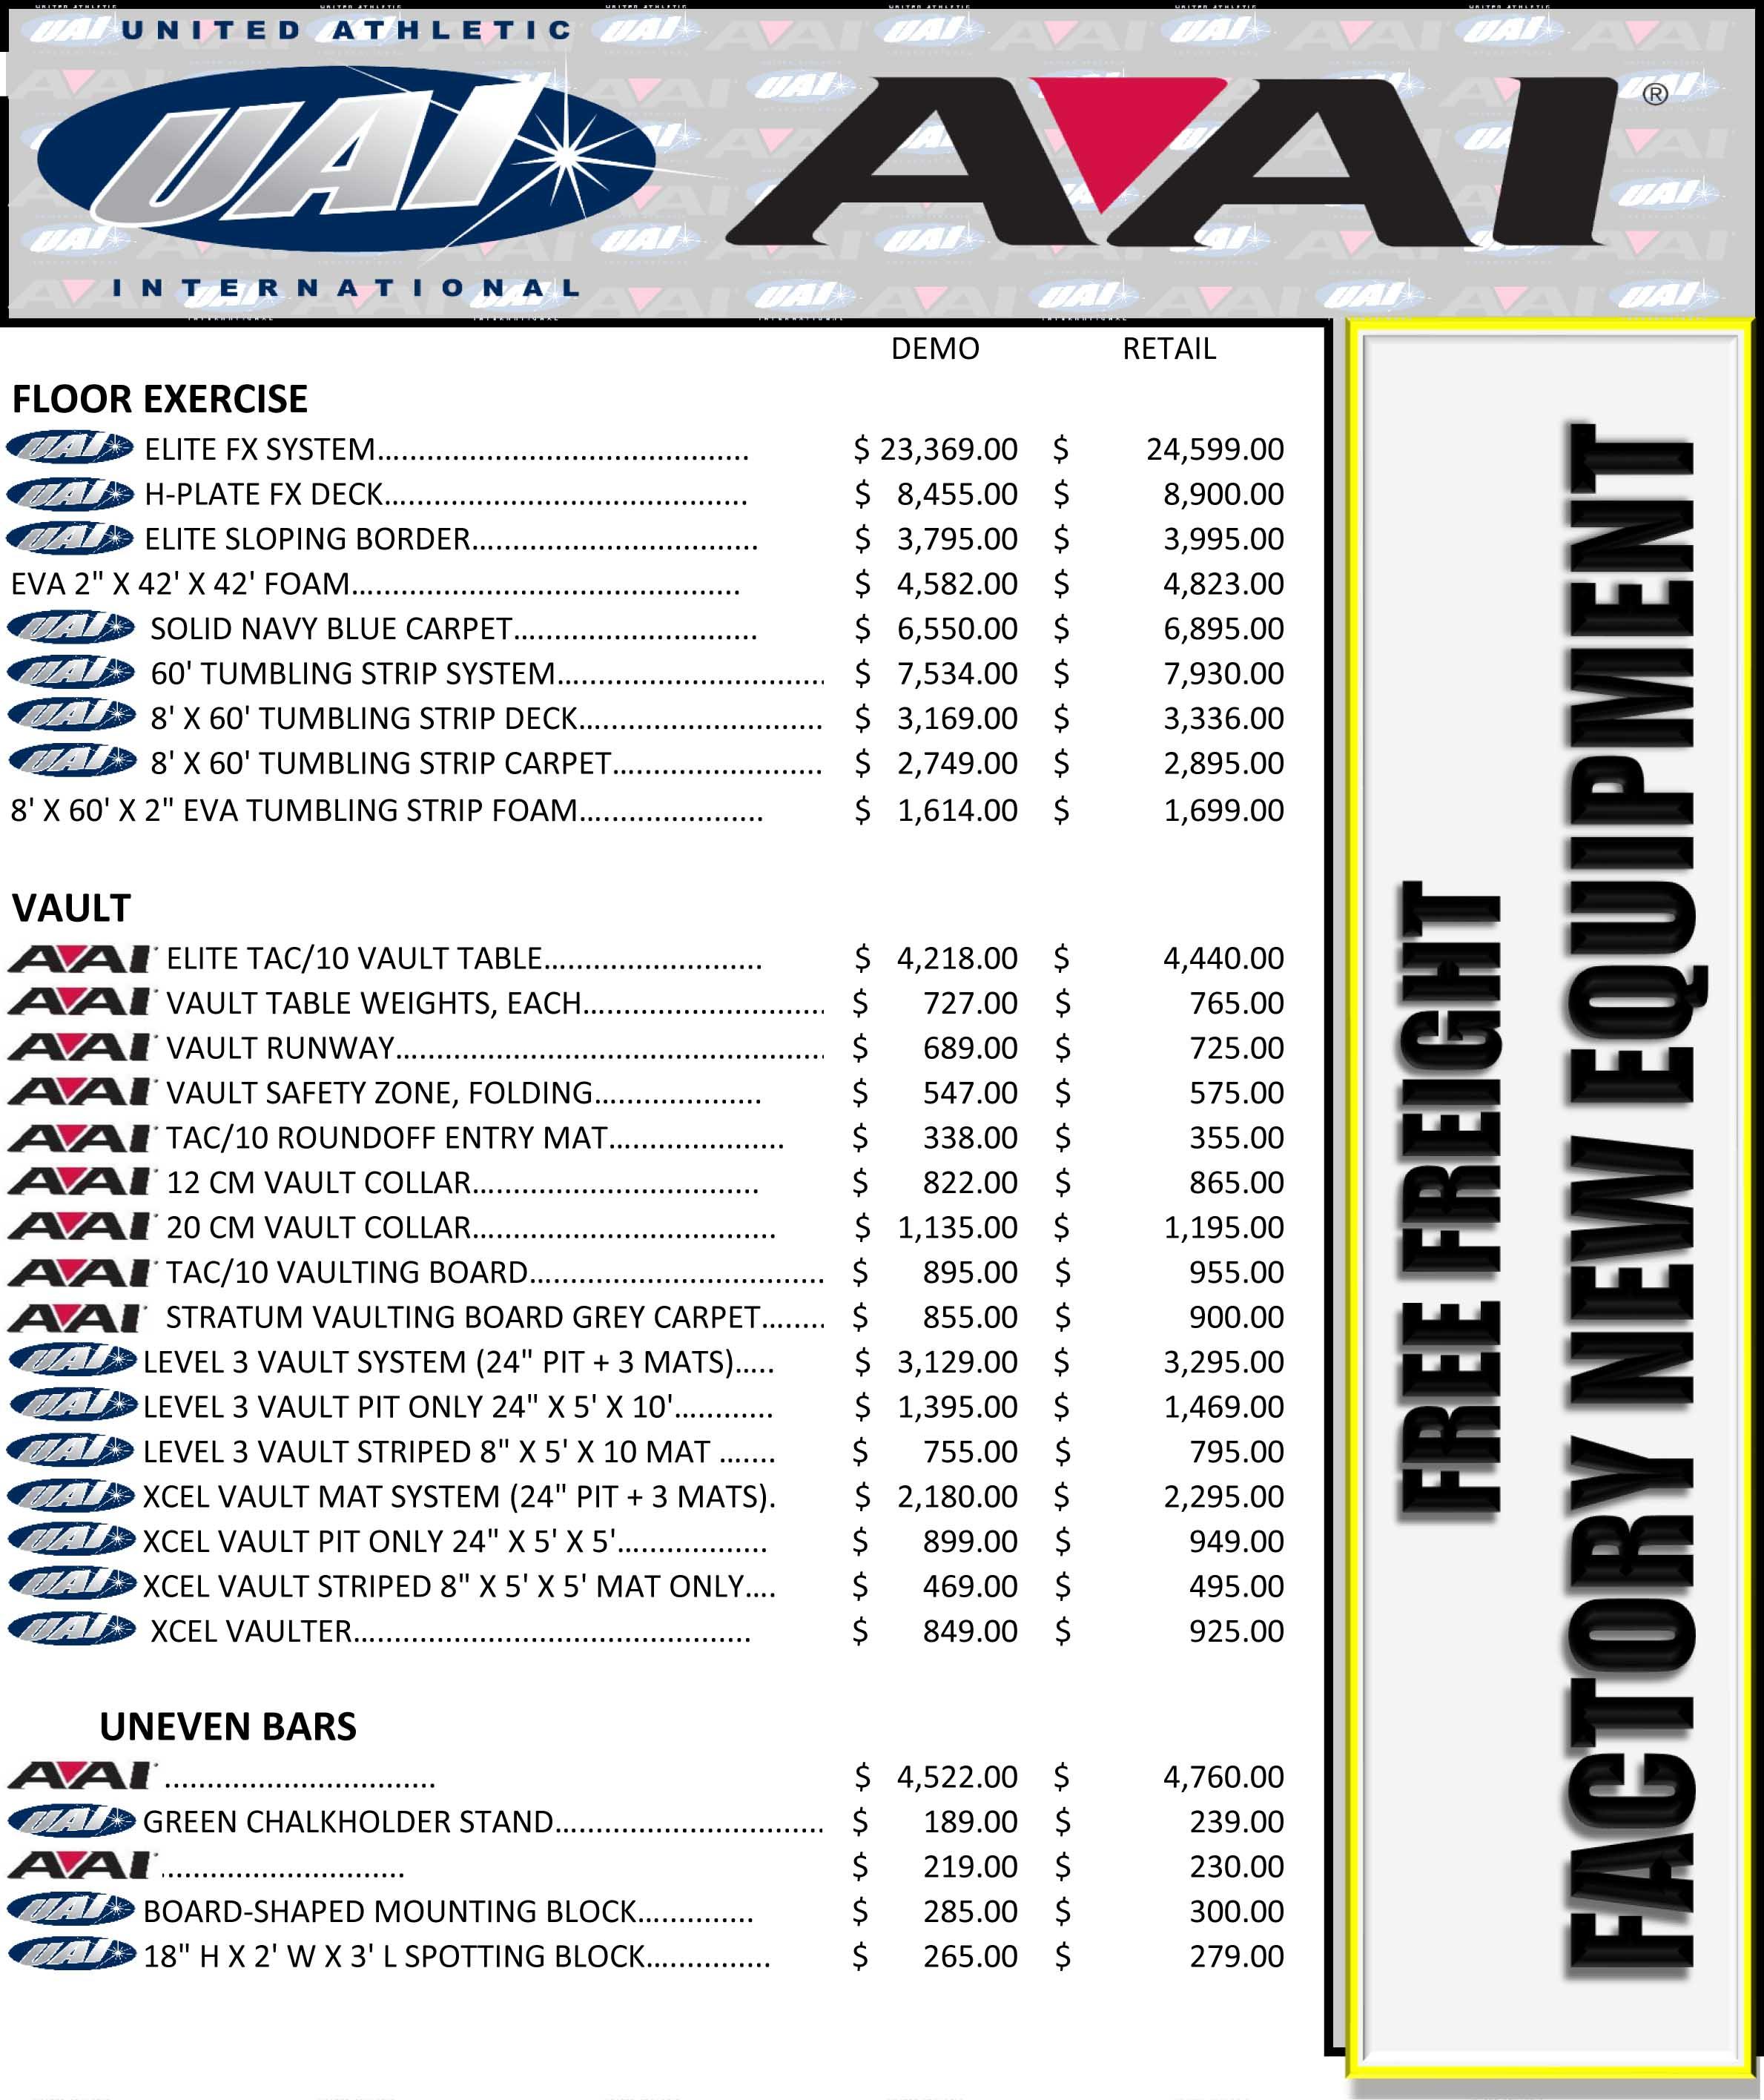 retail-gymnastics-list-men-n-women2-page-1.1.jpg